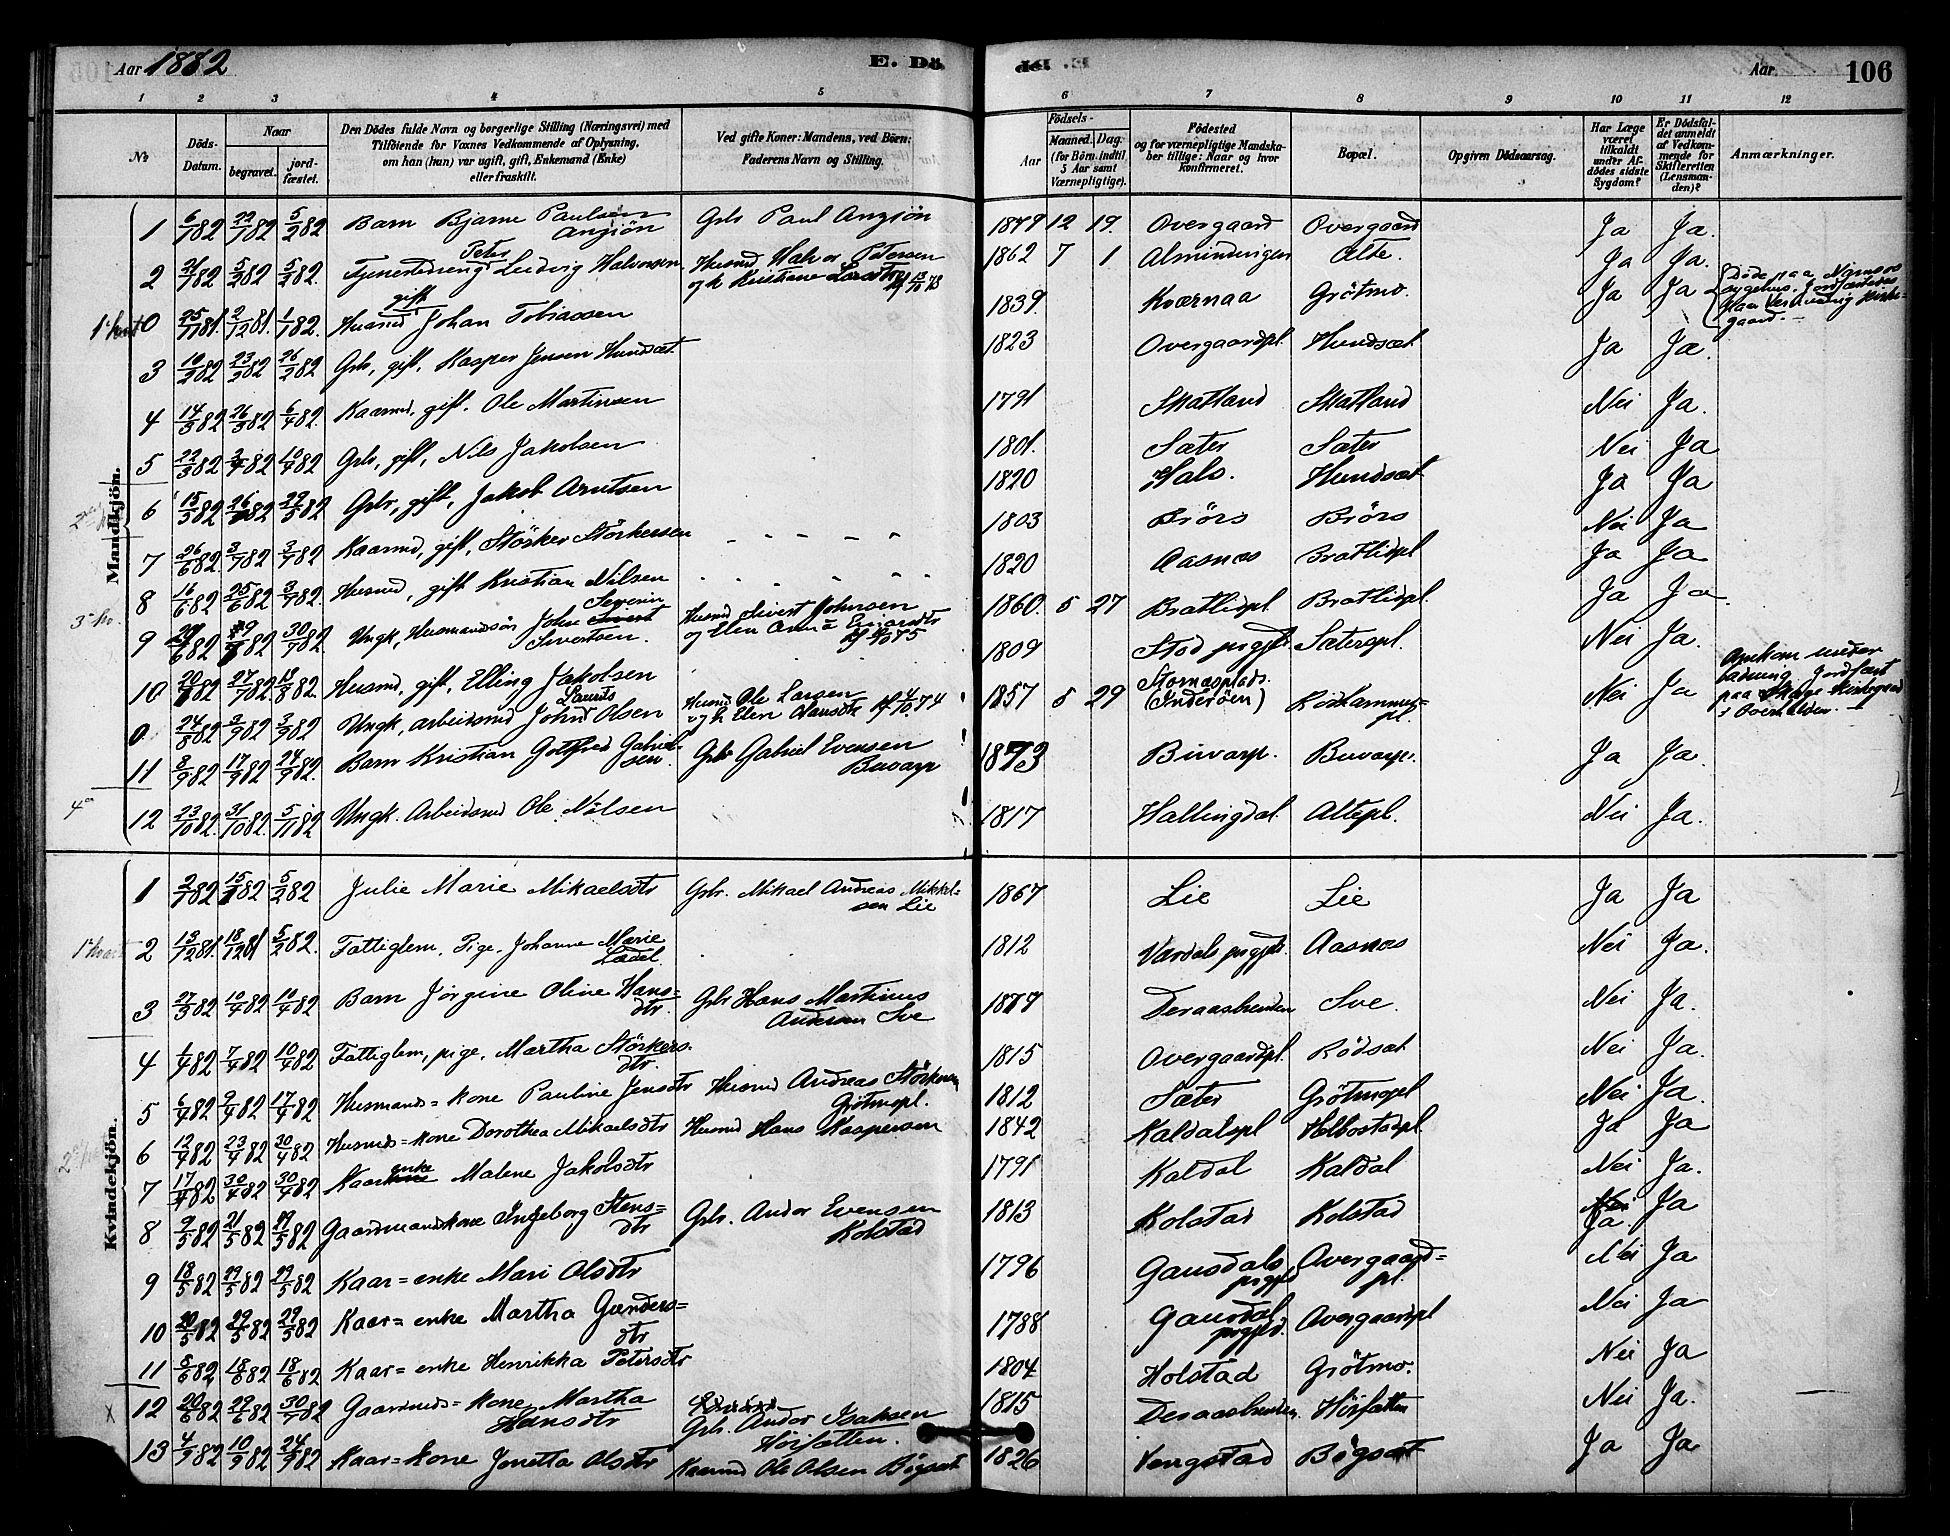 SAT, Ministerialprotokoller, klokkerbøker og fødselsregistre - Nord-Trøndelag, 742/L0408: Ministerialbok nr. 742A01, 1878-1890, s. 106